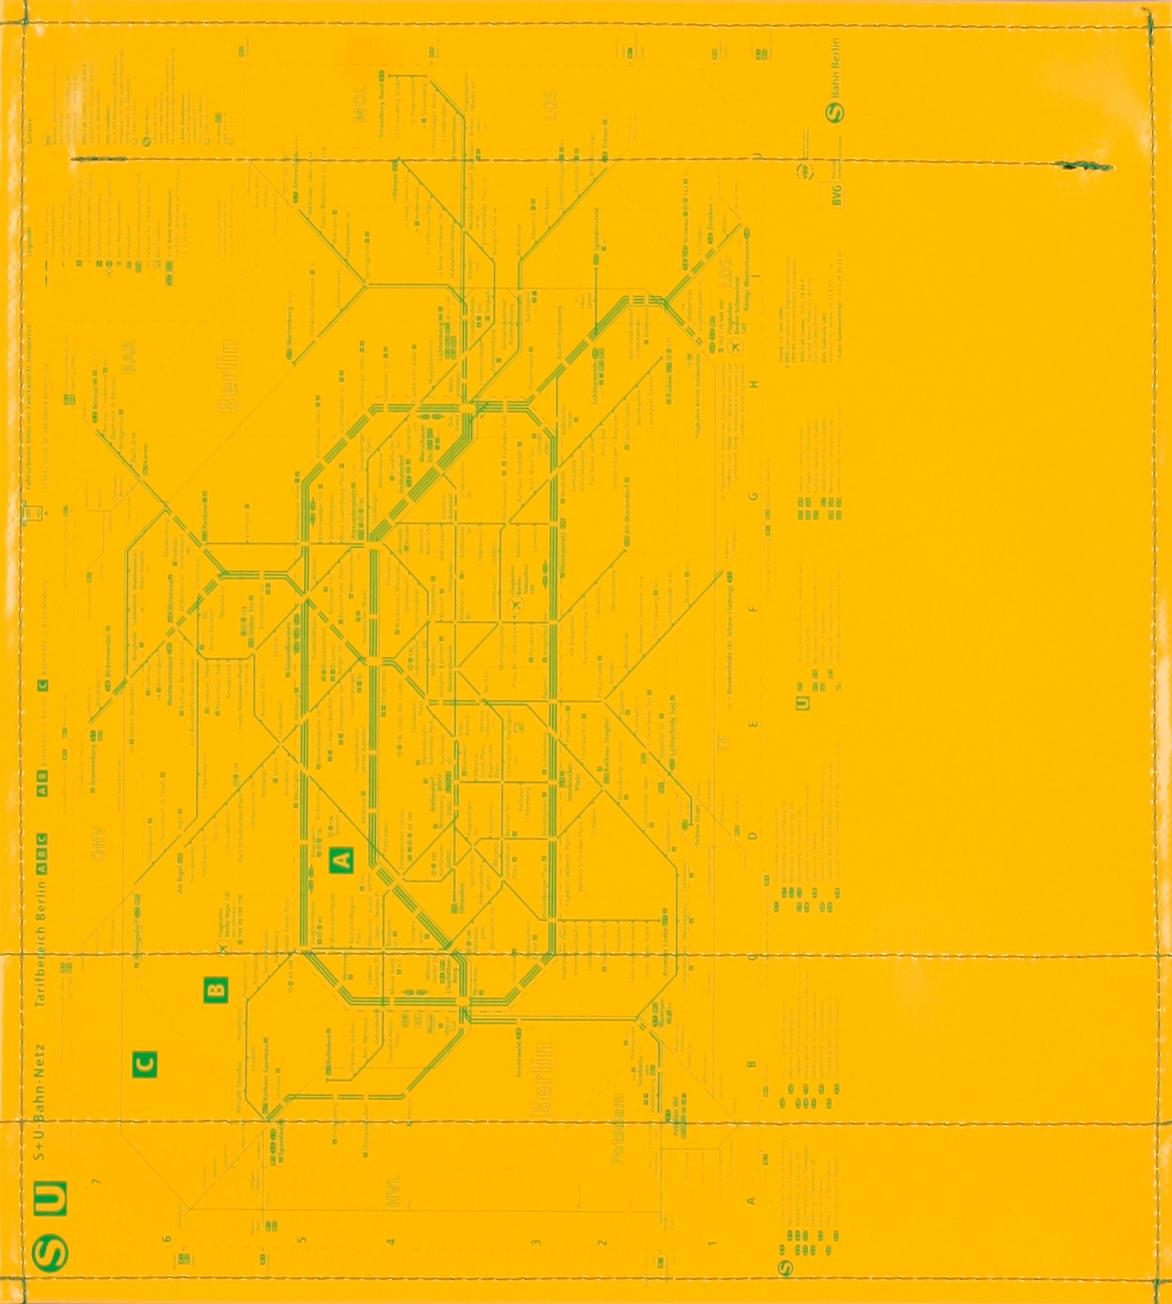 BVG gelb/grün (mittel)